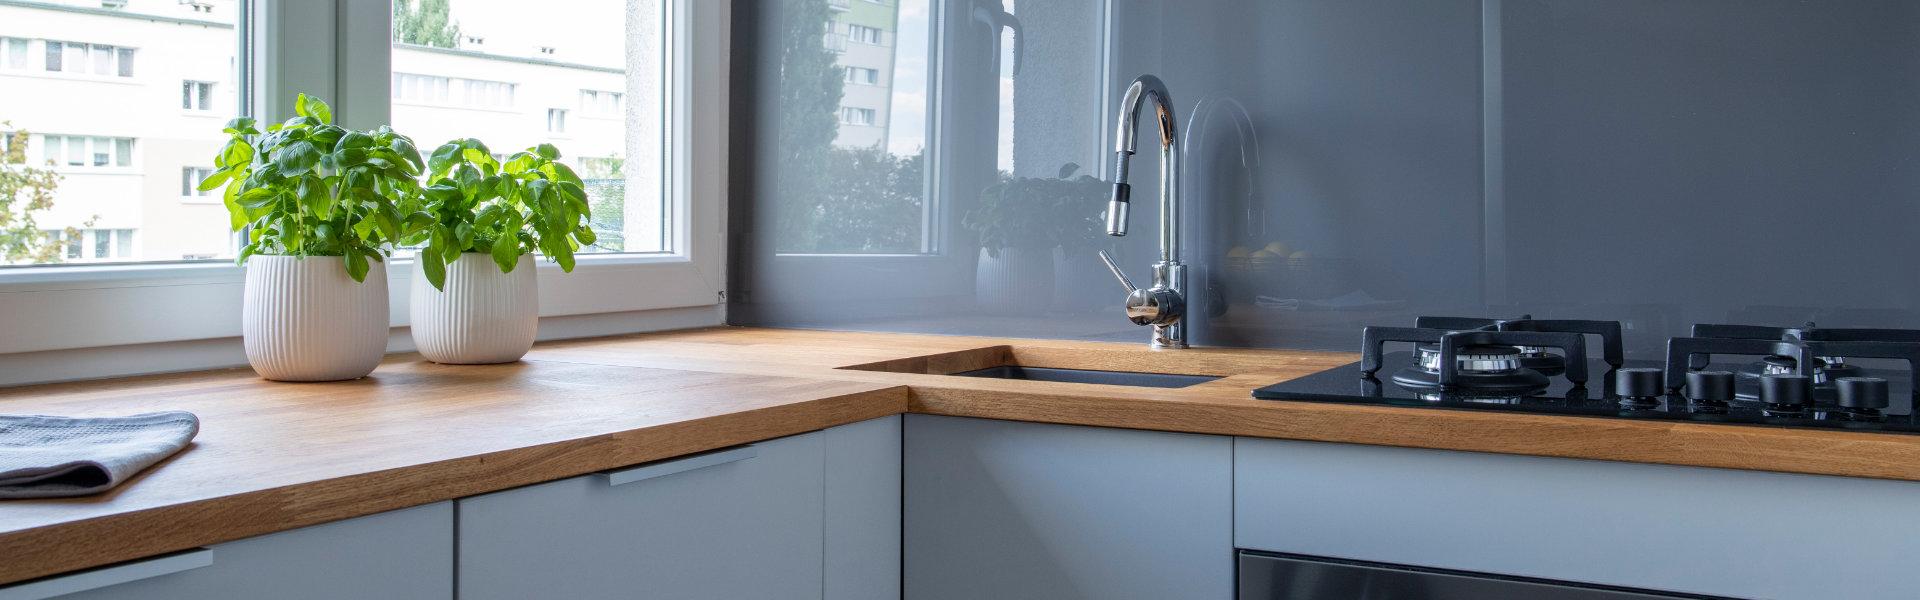 Odabir kućanskih aparata kod opremanja kuhinje